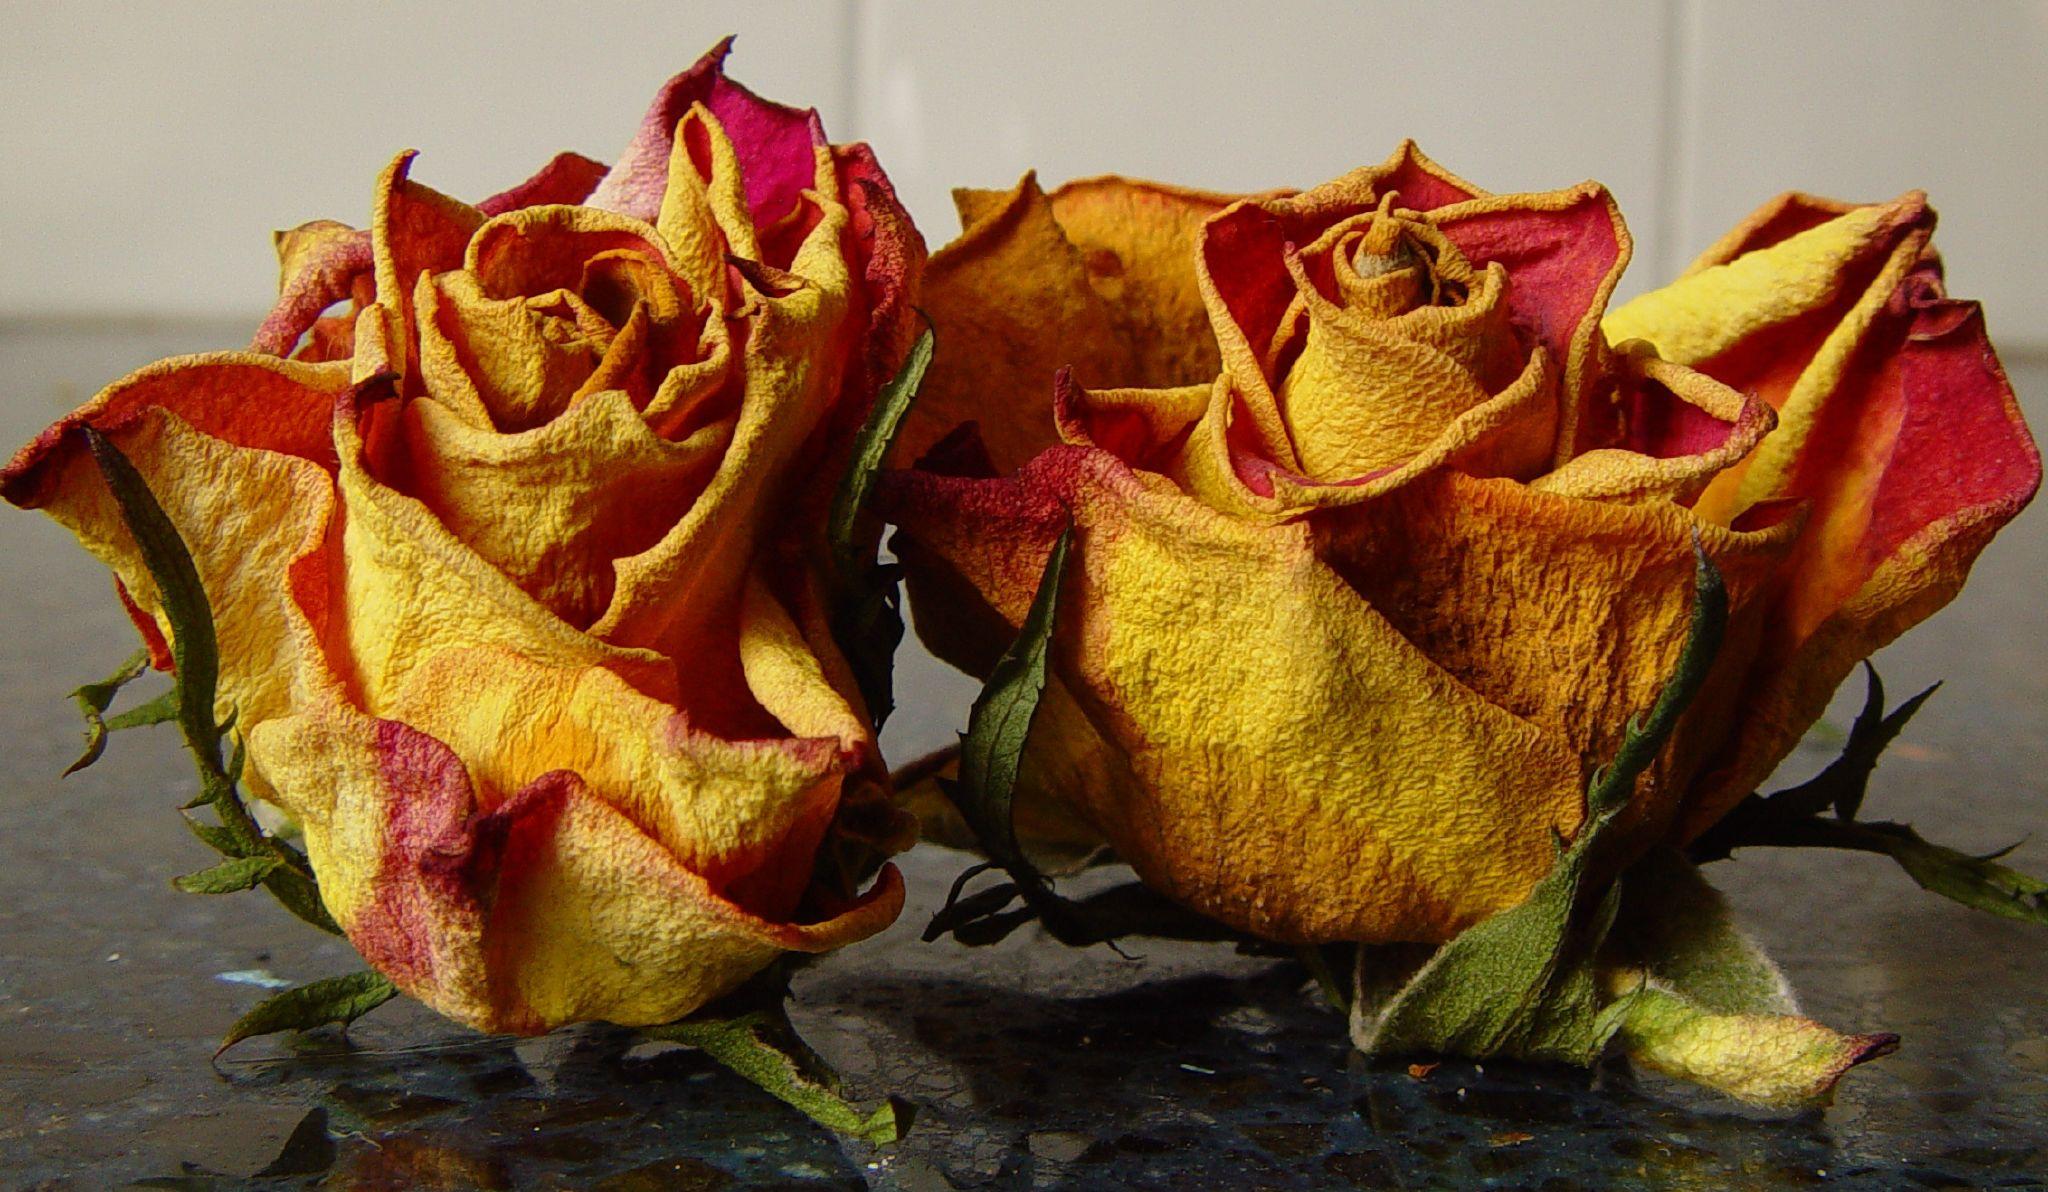 صور ورود حمراء جميلة, صور زهور جميلة, صور ورود جميل, صور ورد جميلة جدا,